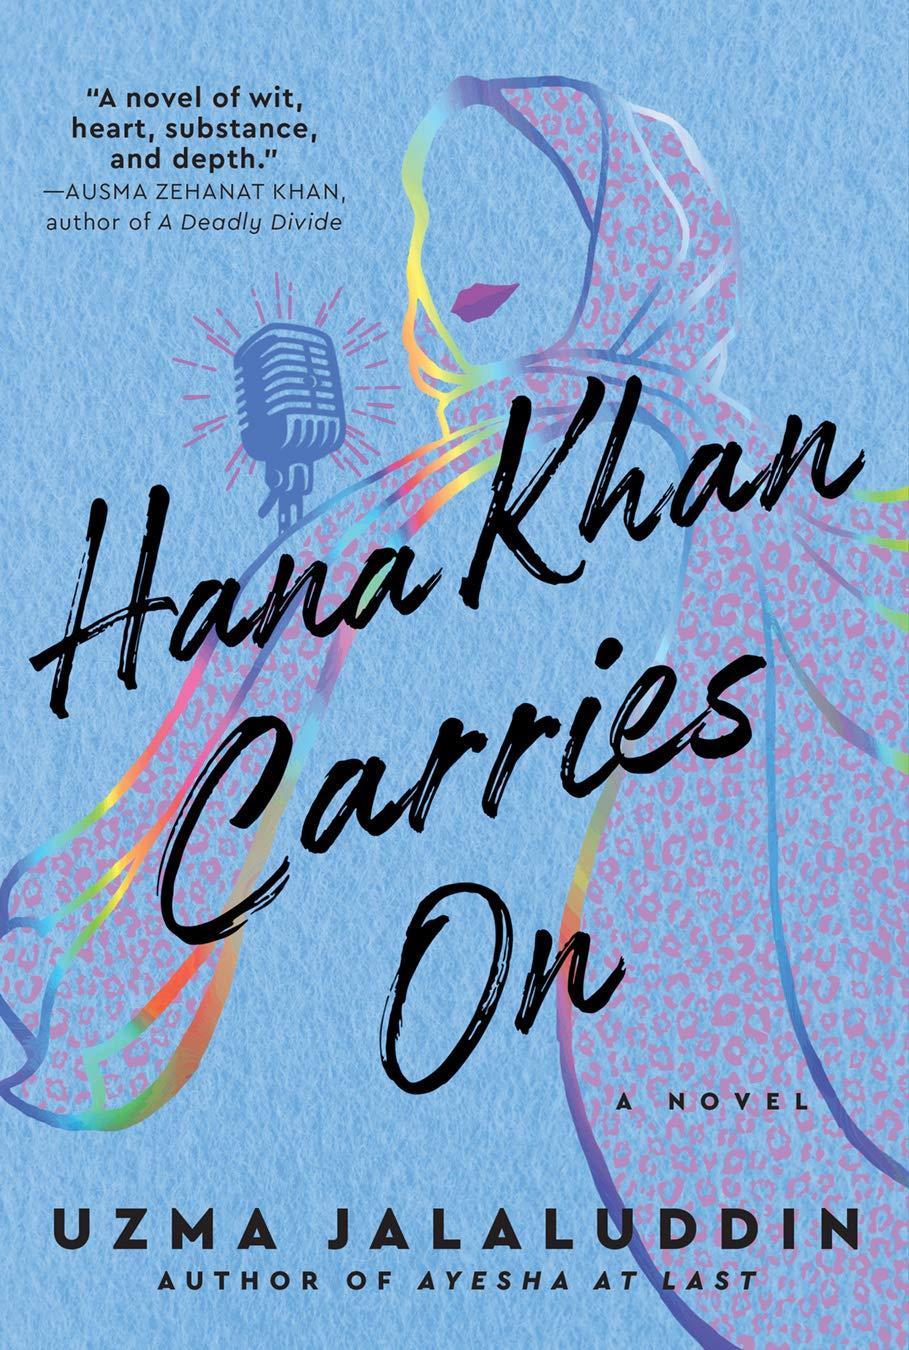 Amazon.com: Hana Khan Carries On: A Novel (9781443461467): Jalaluddin,  Uzma: Books